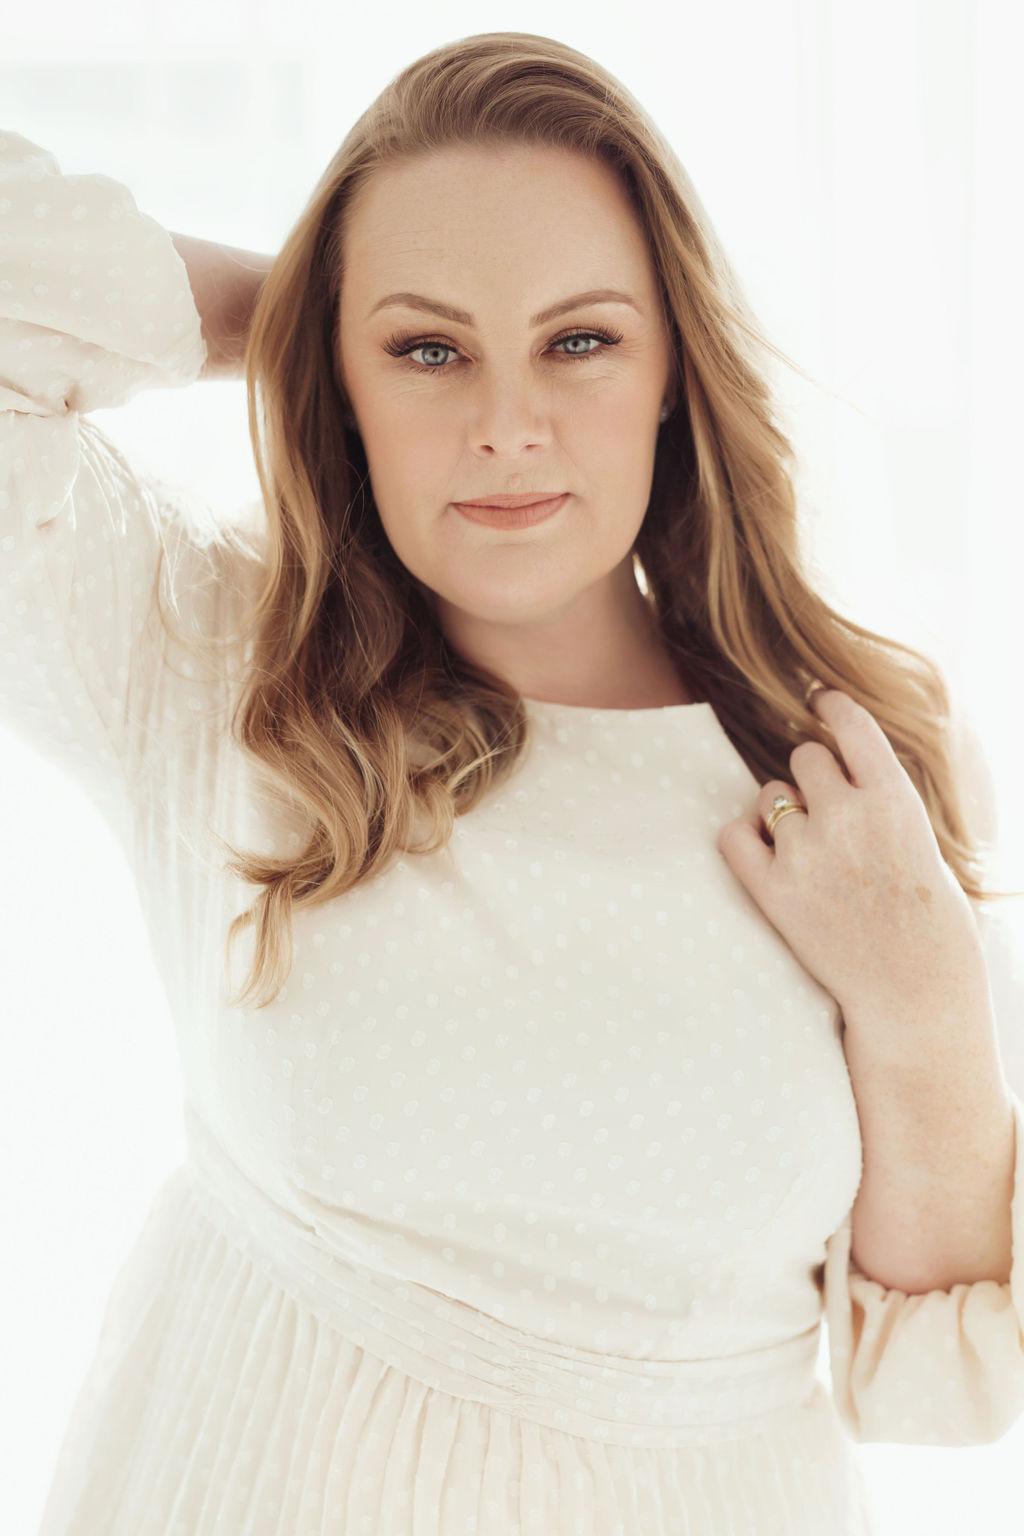 AmyAgnewPortraits-AlisonNewman-10-E